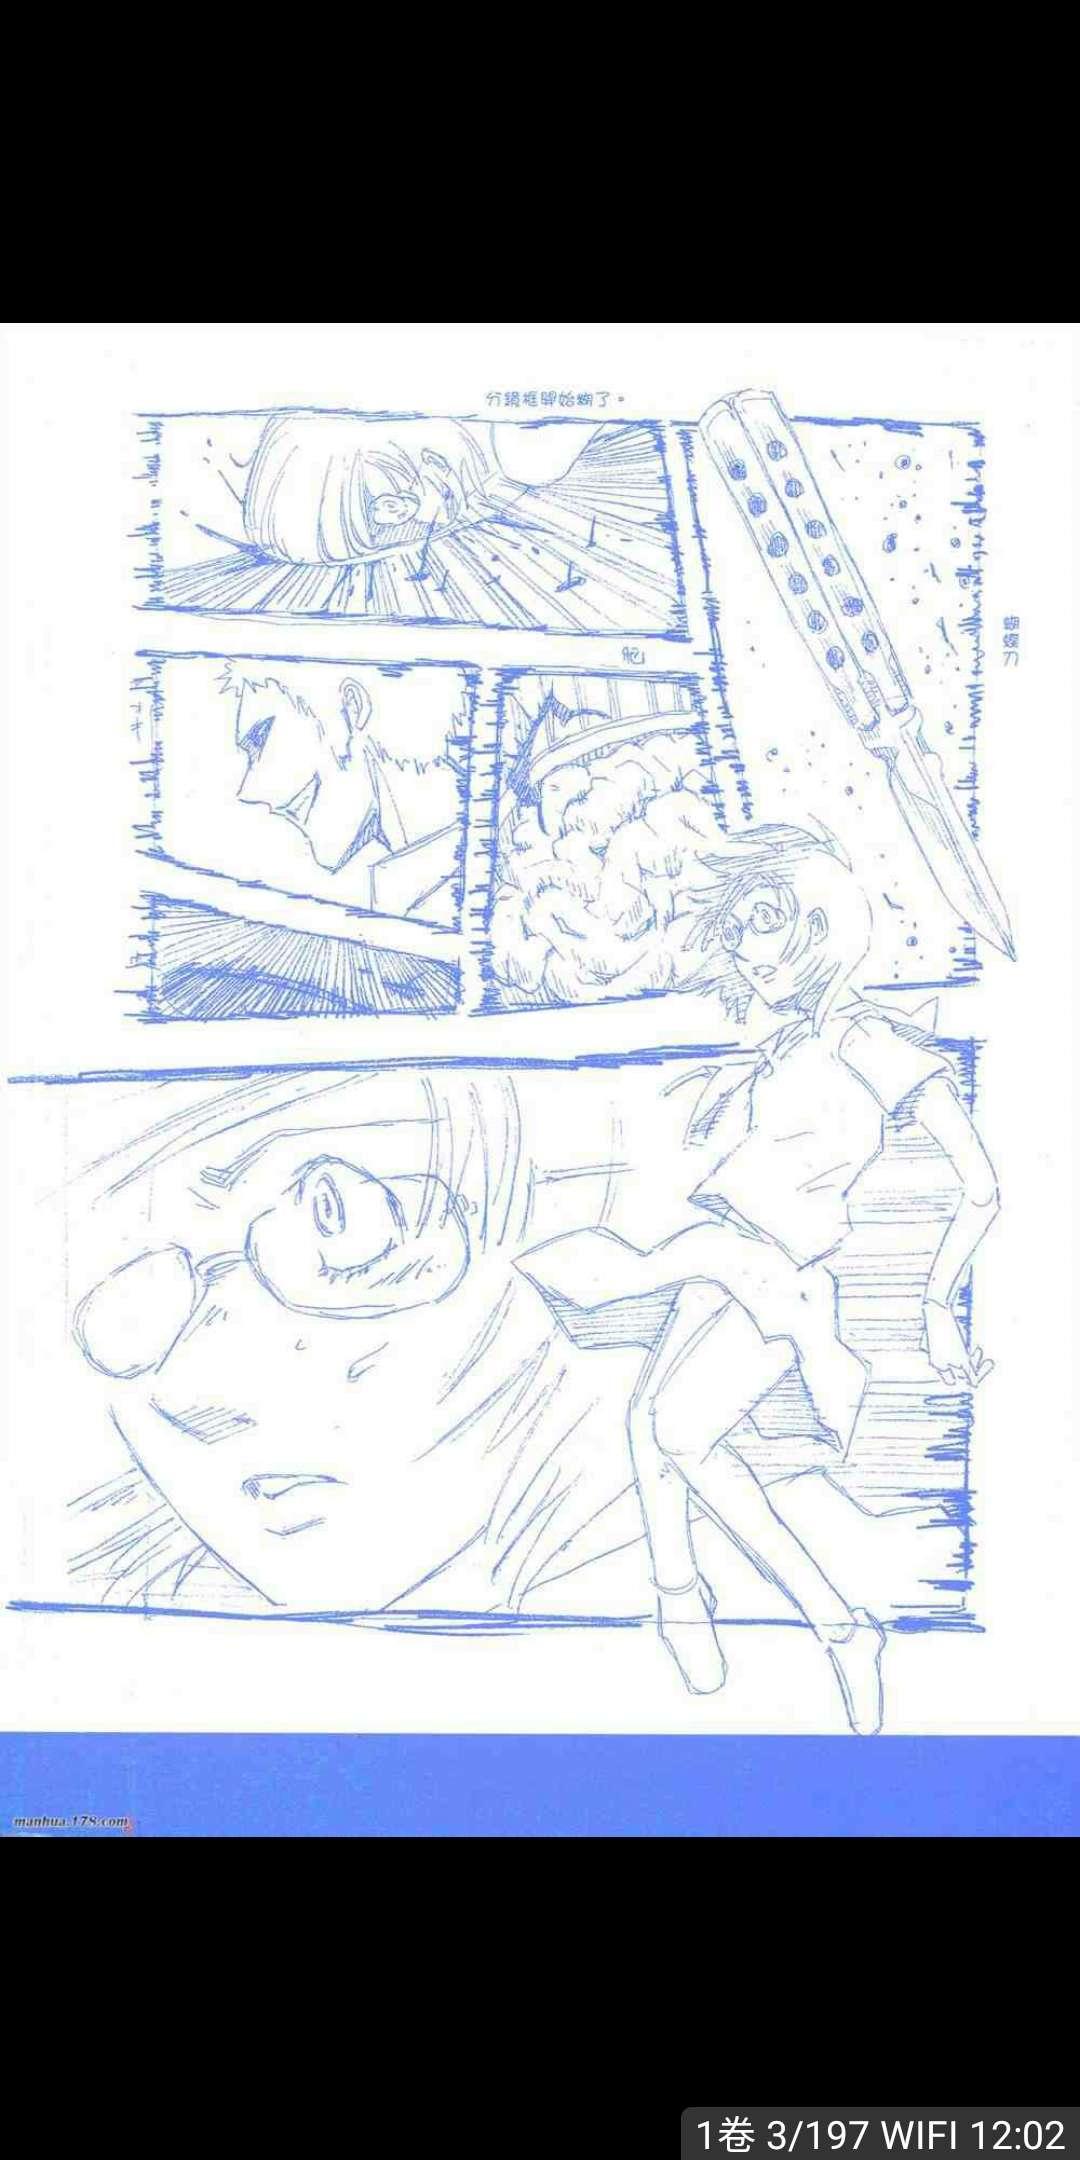 【漫画】逆走少女,二次元带耳机情侣头像